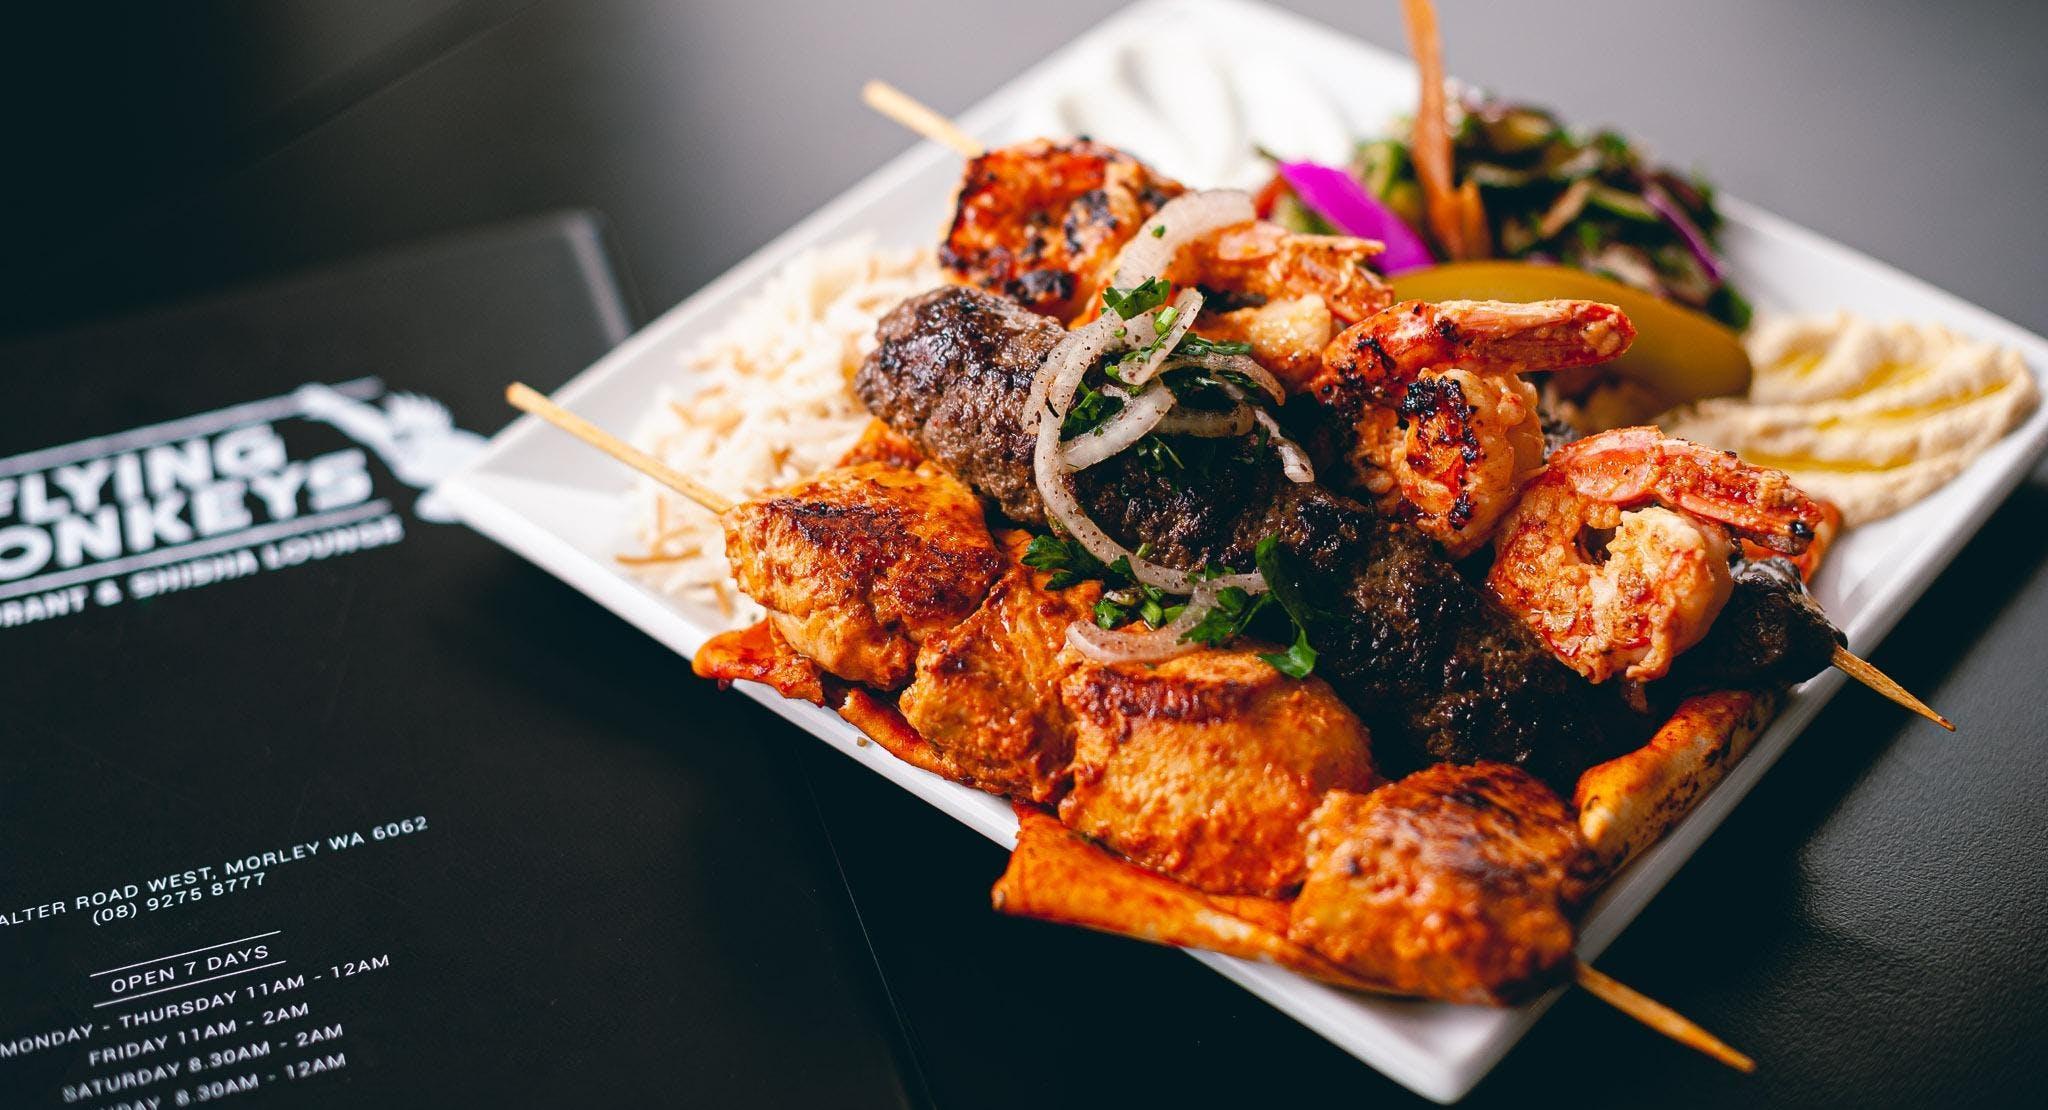 Flying Monkeys Restaurant & Shisha Lounge